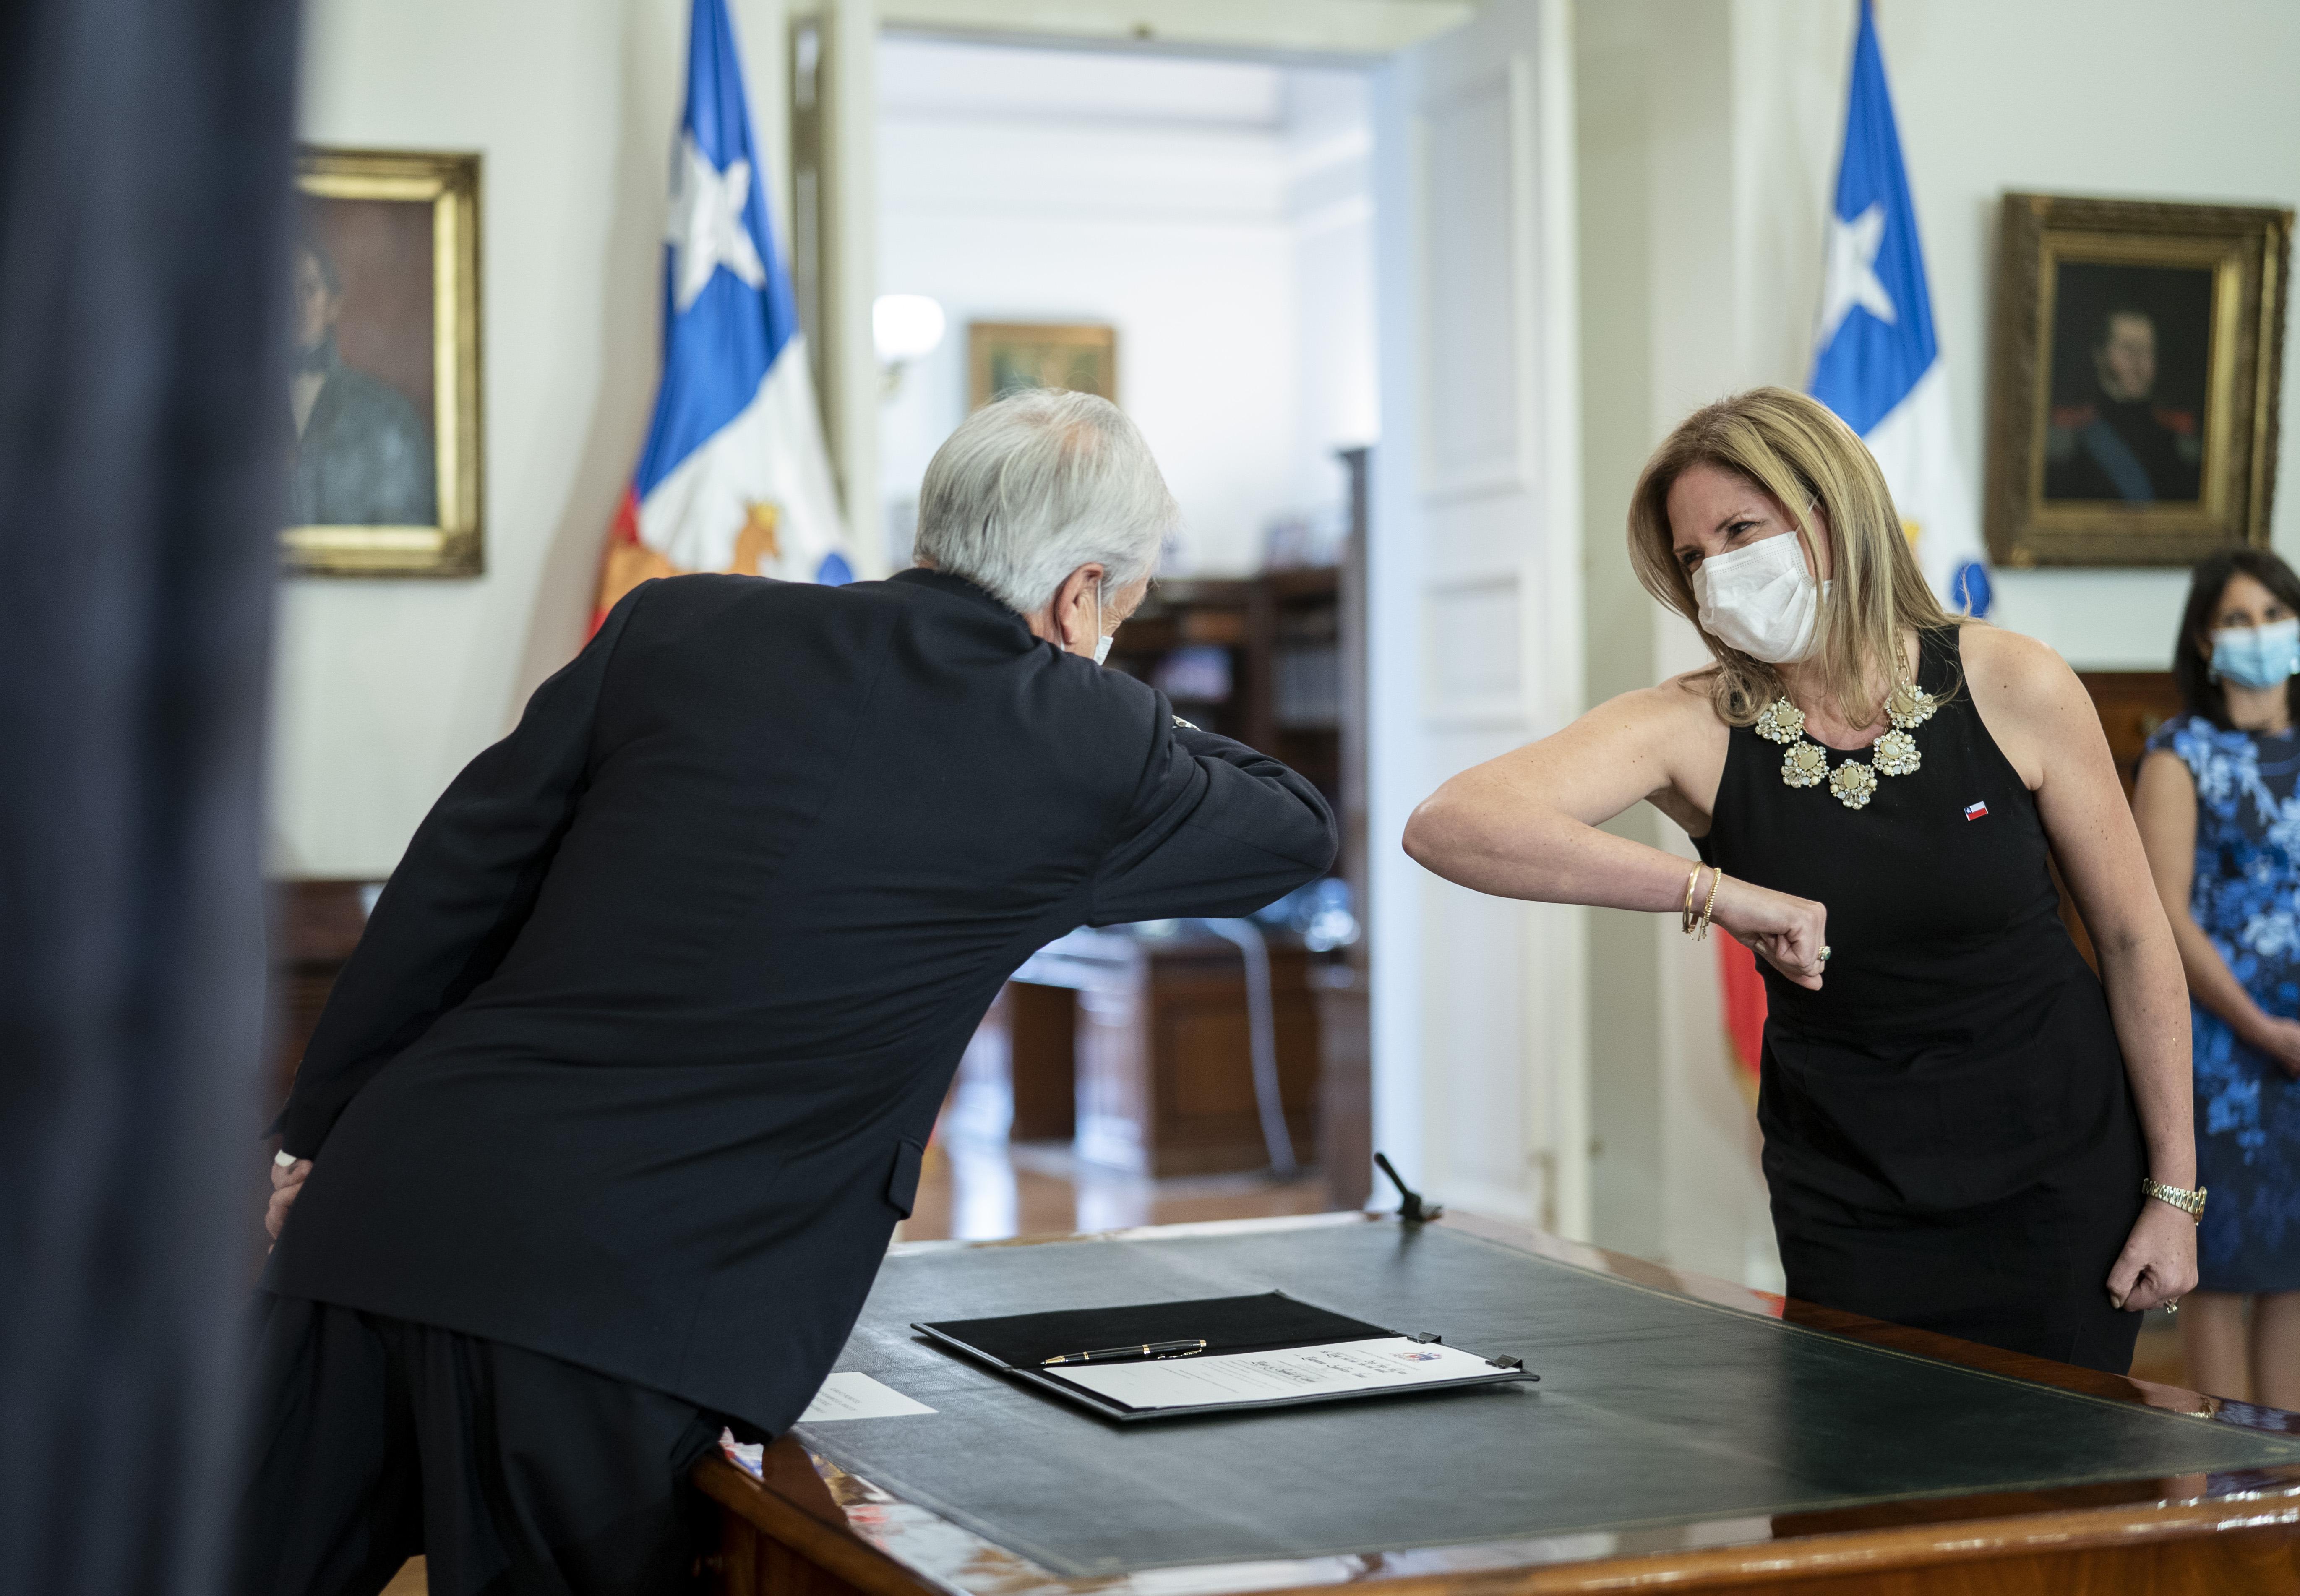 La nueva ministra de la Mujer y Equidad de Género, Macarena Santelices, es periodista, ex alcaldesa de la comuna de Olmué y ex vicepresidenta de la Unión Demócrata Independiente (UDI). Foto: Presidencia.